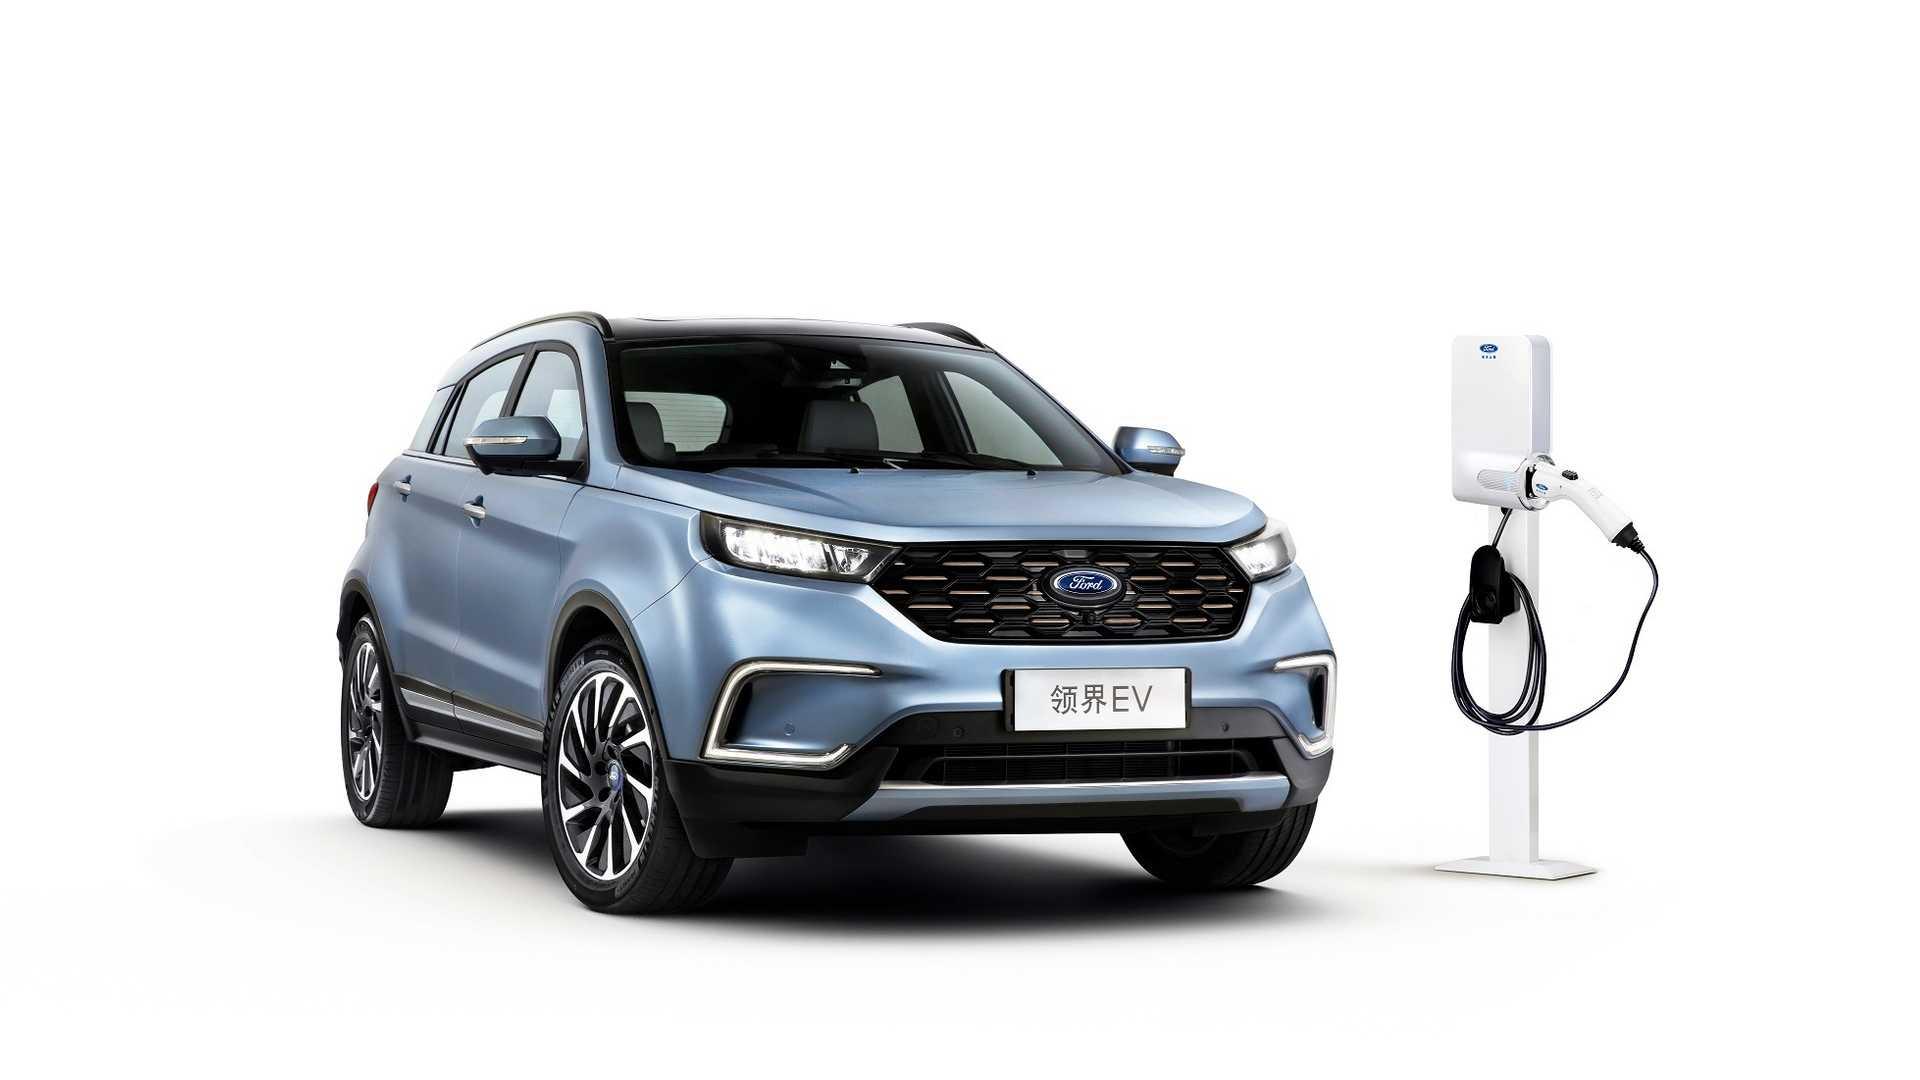 Компания Ford совместно со своим давним партнером Jiangling Motors Corporation разработала электрическую версию кросса Territory